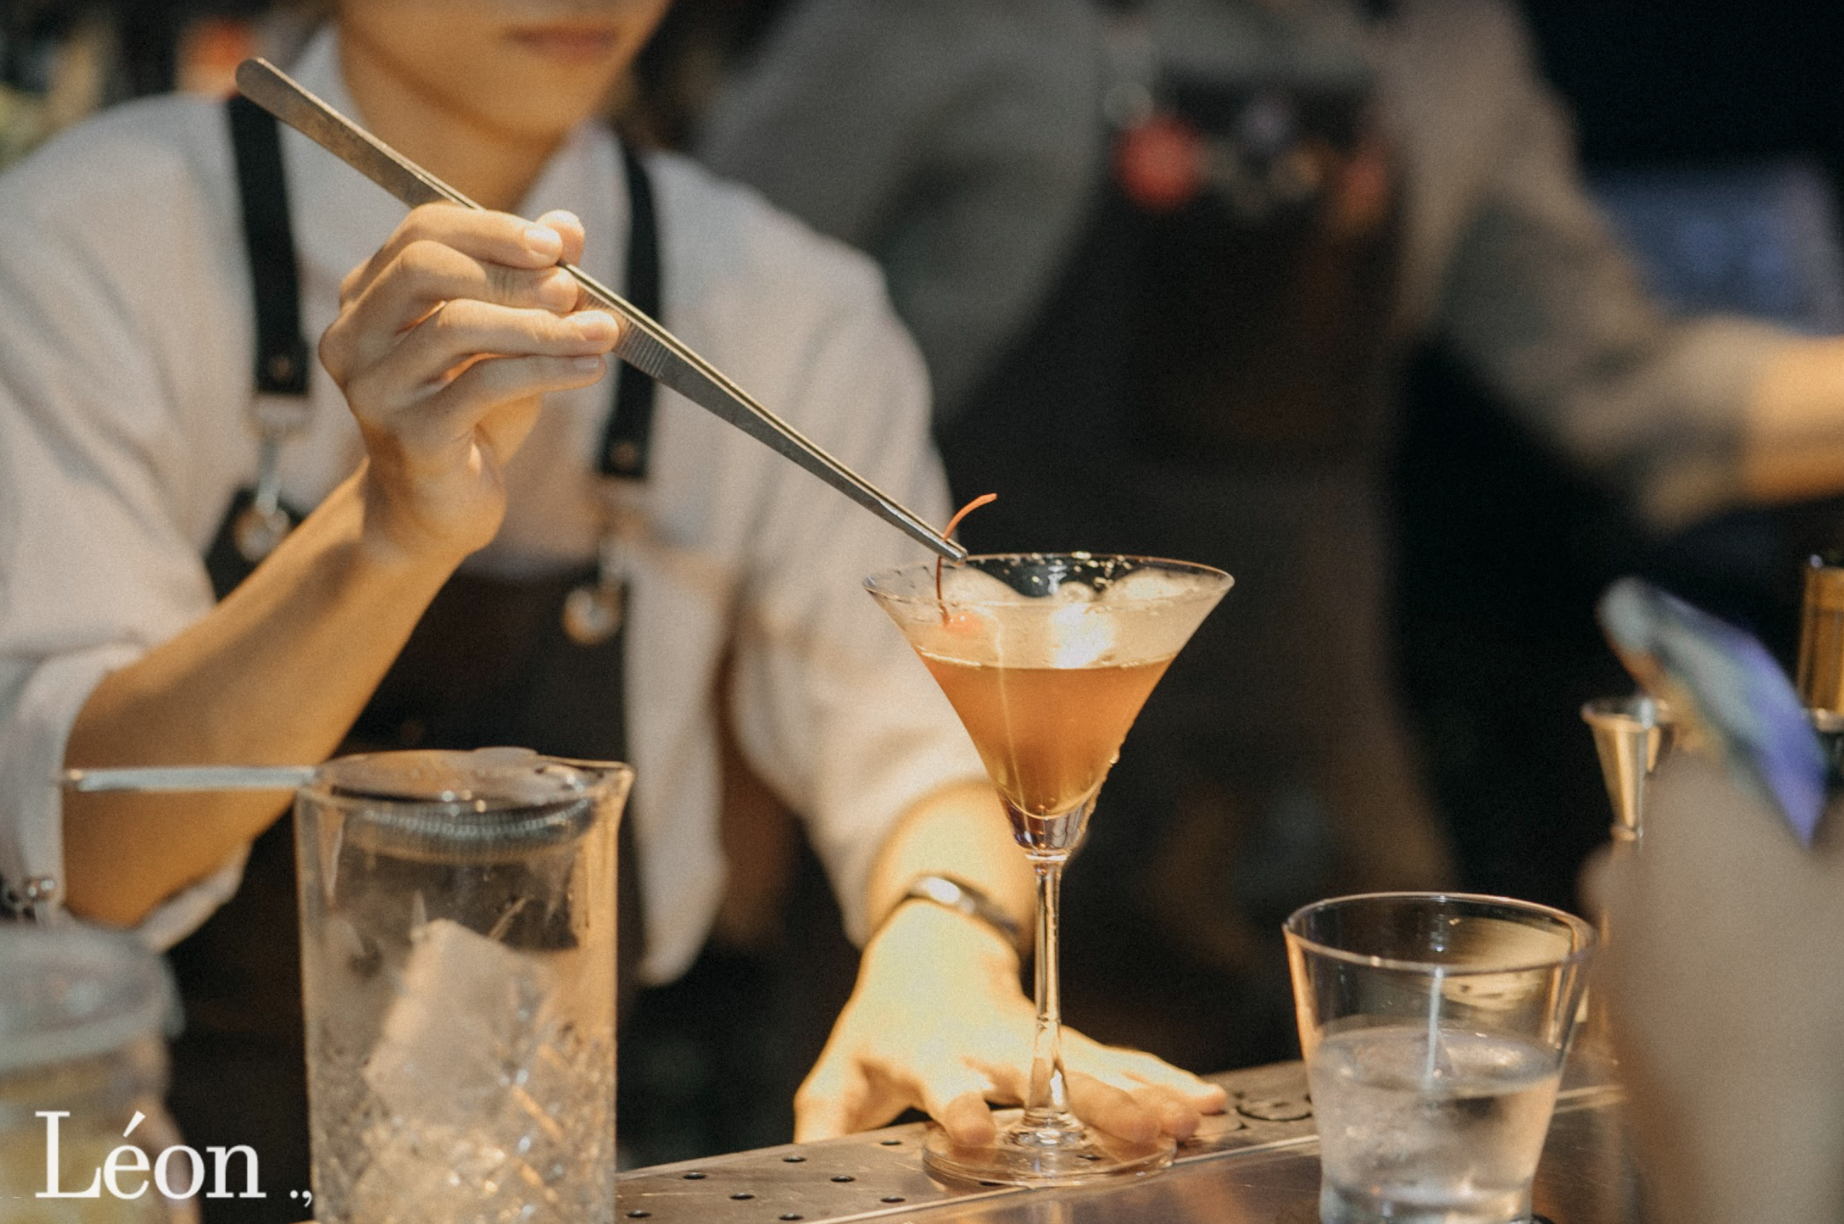 Léon: Quán cocktails mang phong cách rạp phim nhất định phải đến một lần - Ảnh 7.